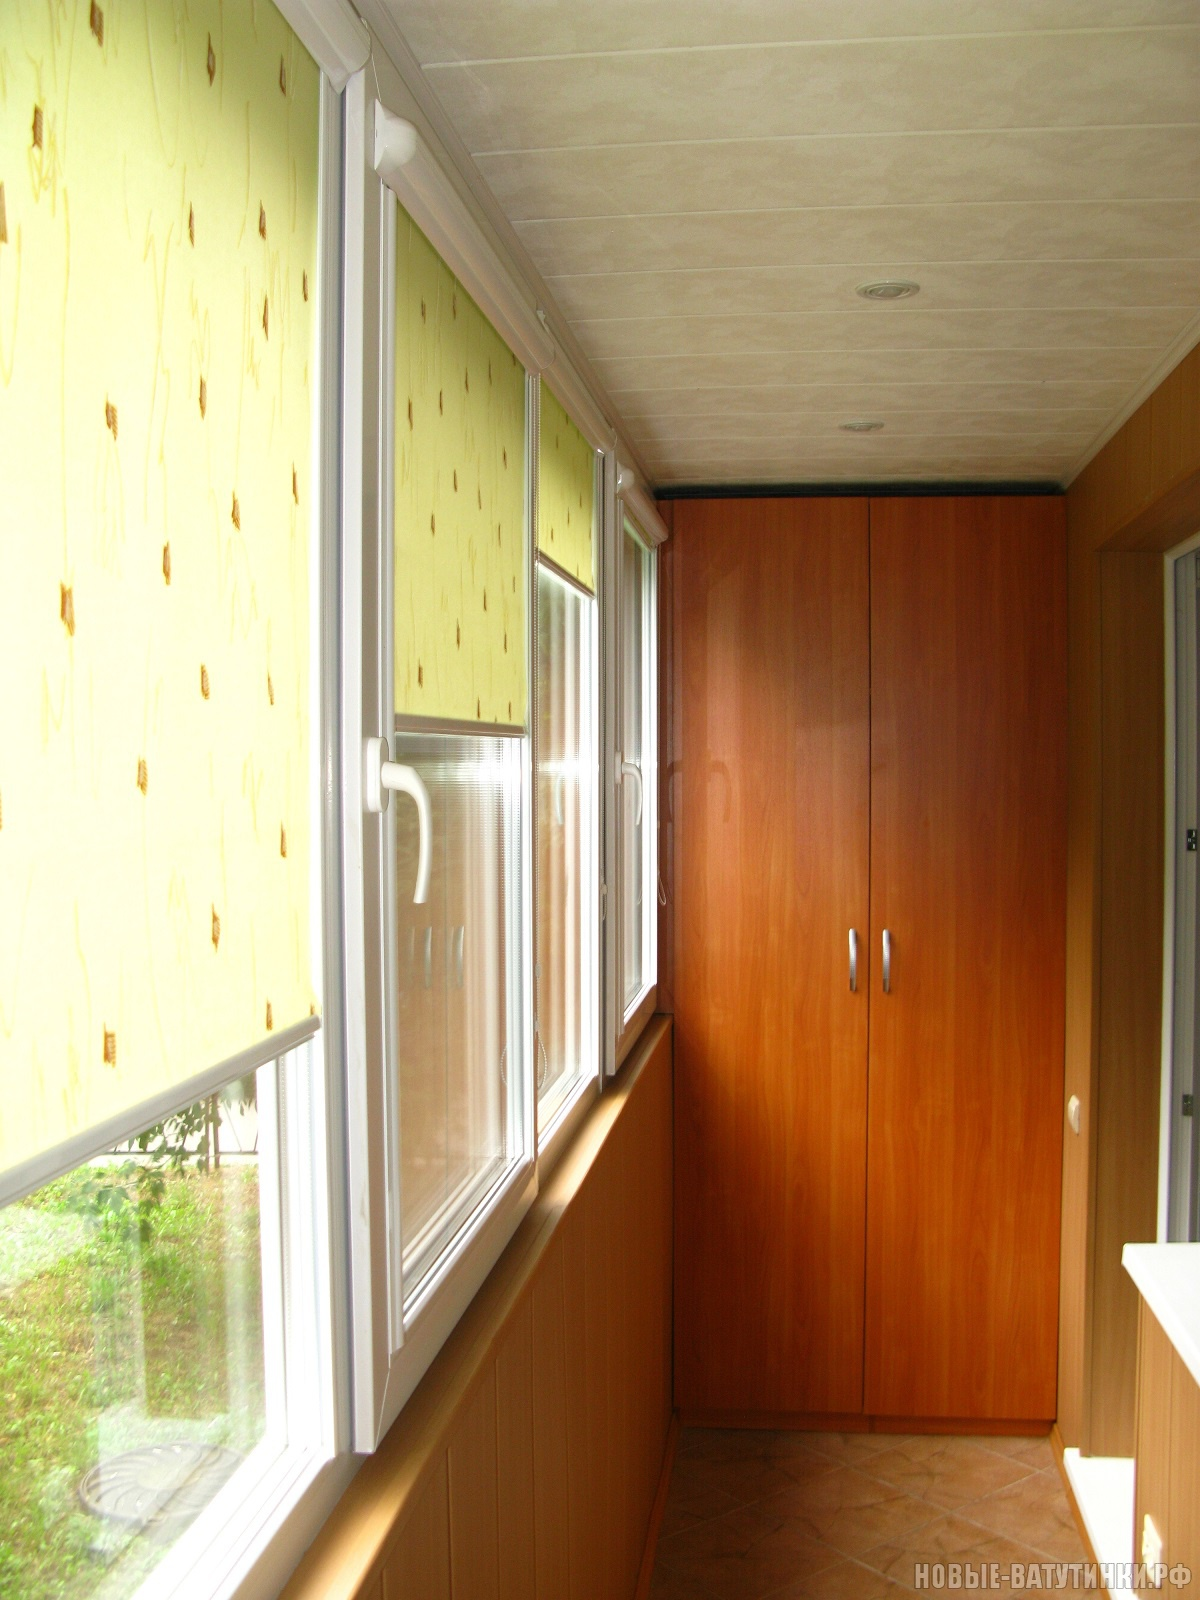 Застеклить балкон харьков под ключ - kommerling plus.